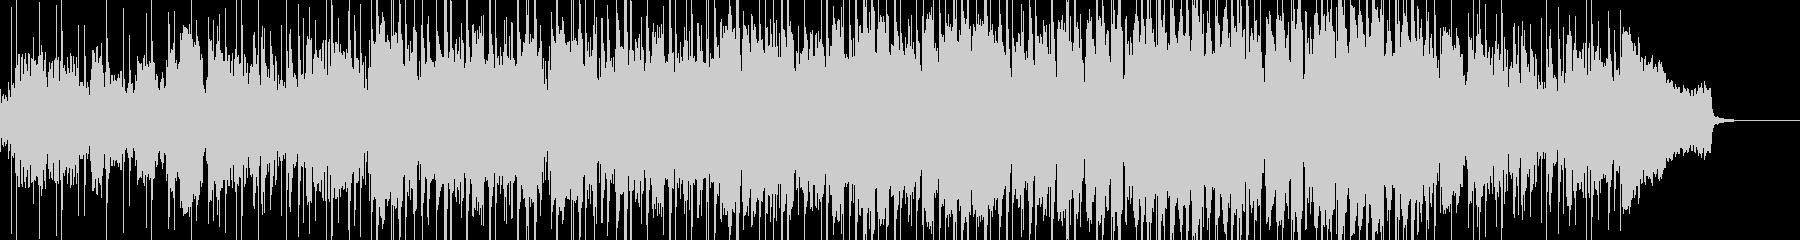 ボサノバ調の爽やかなBGMの未再生の波形